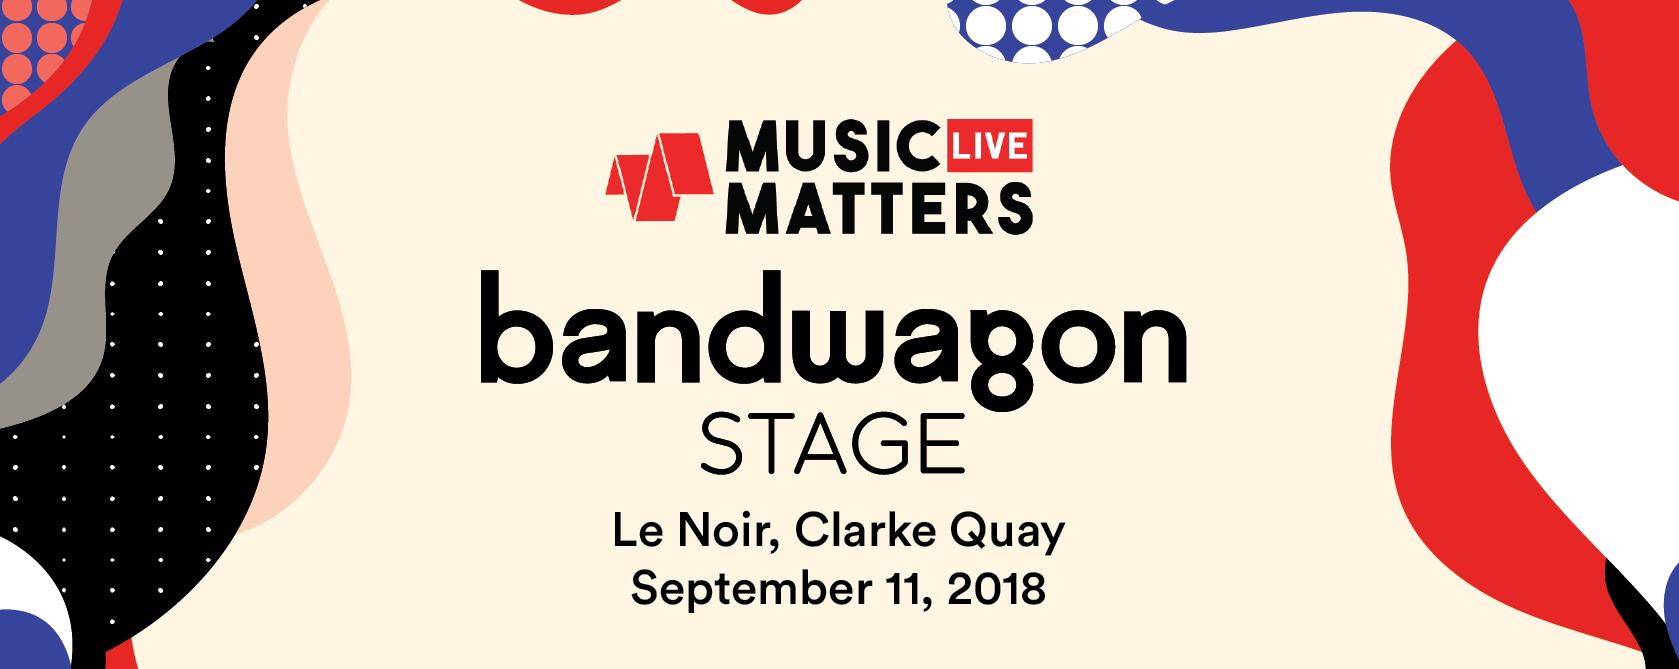 Bandwagon Stage @ Music Matters 2018